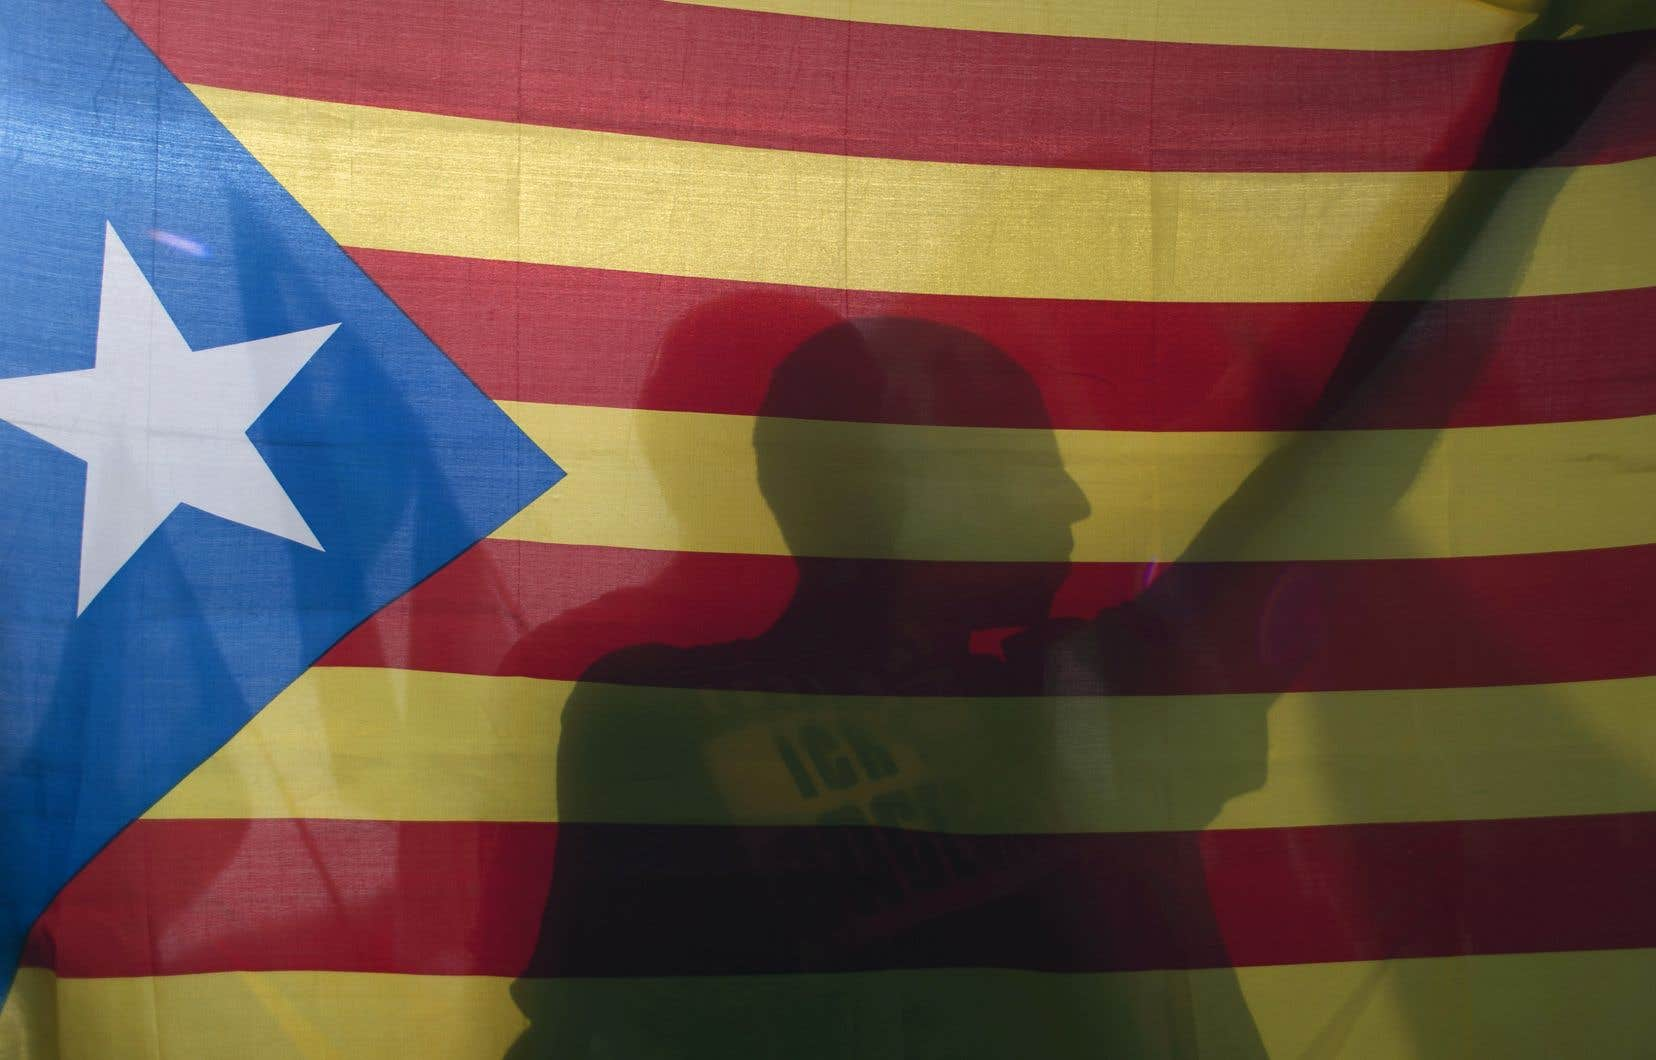 Le 1eroctobre 2017, les Catalans disaient oui à 90% à l'indépendance de la région, lors d'un scrutin référendaire jugé illégal par Madrid. Un an plus tard, l'indépendance n'a toujours pas été mise en œuvre.